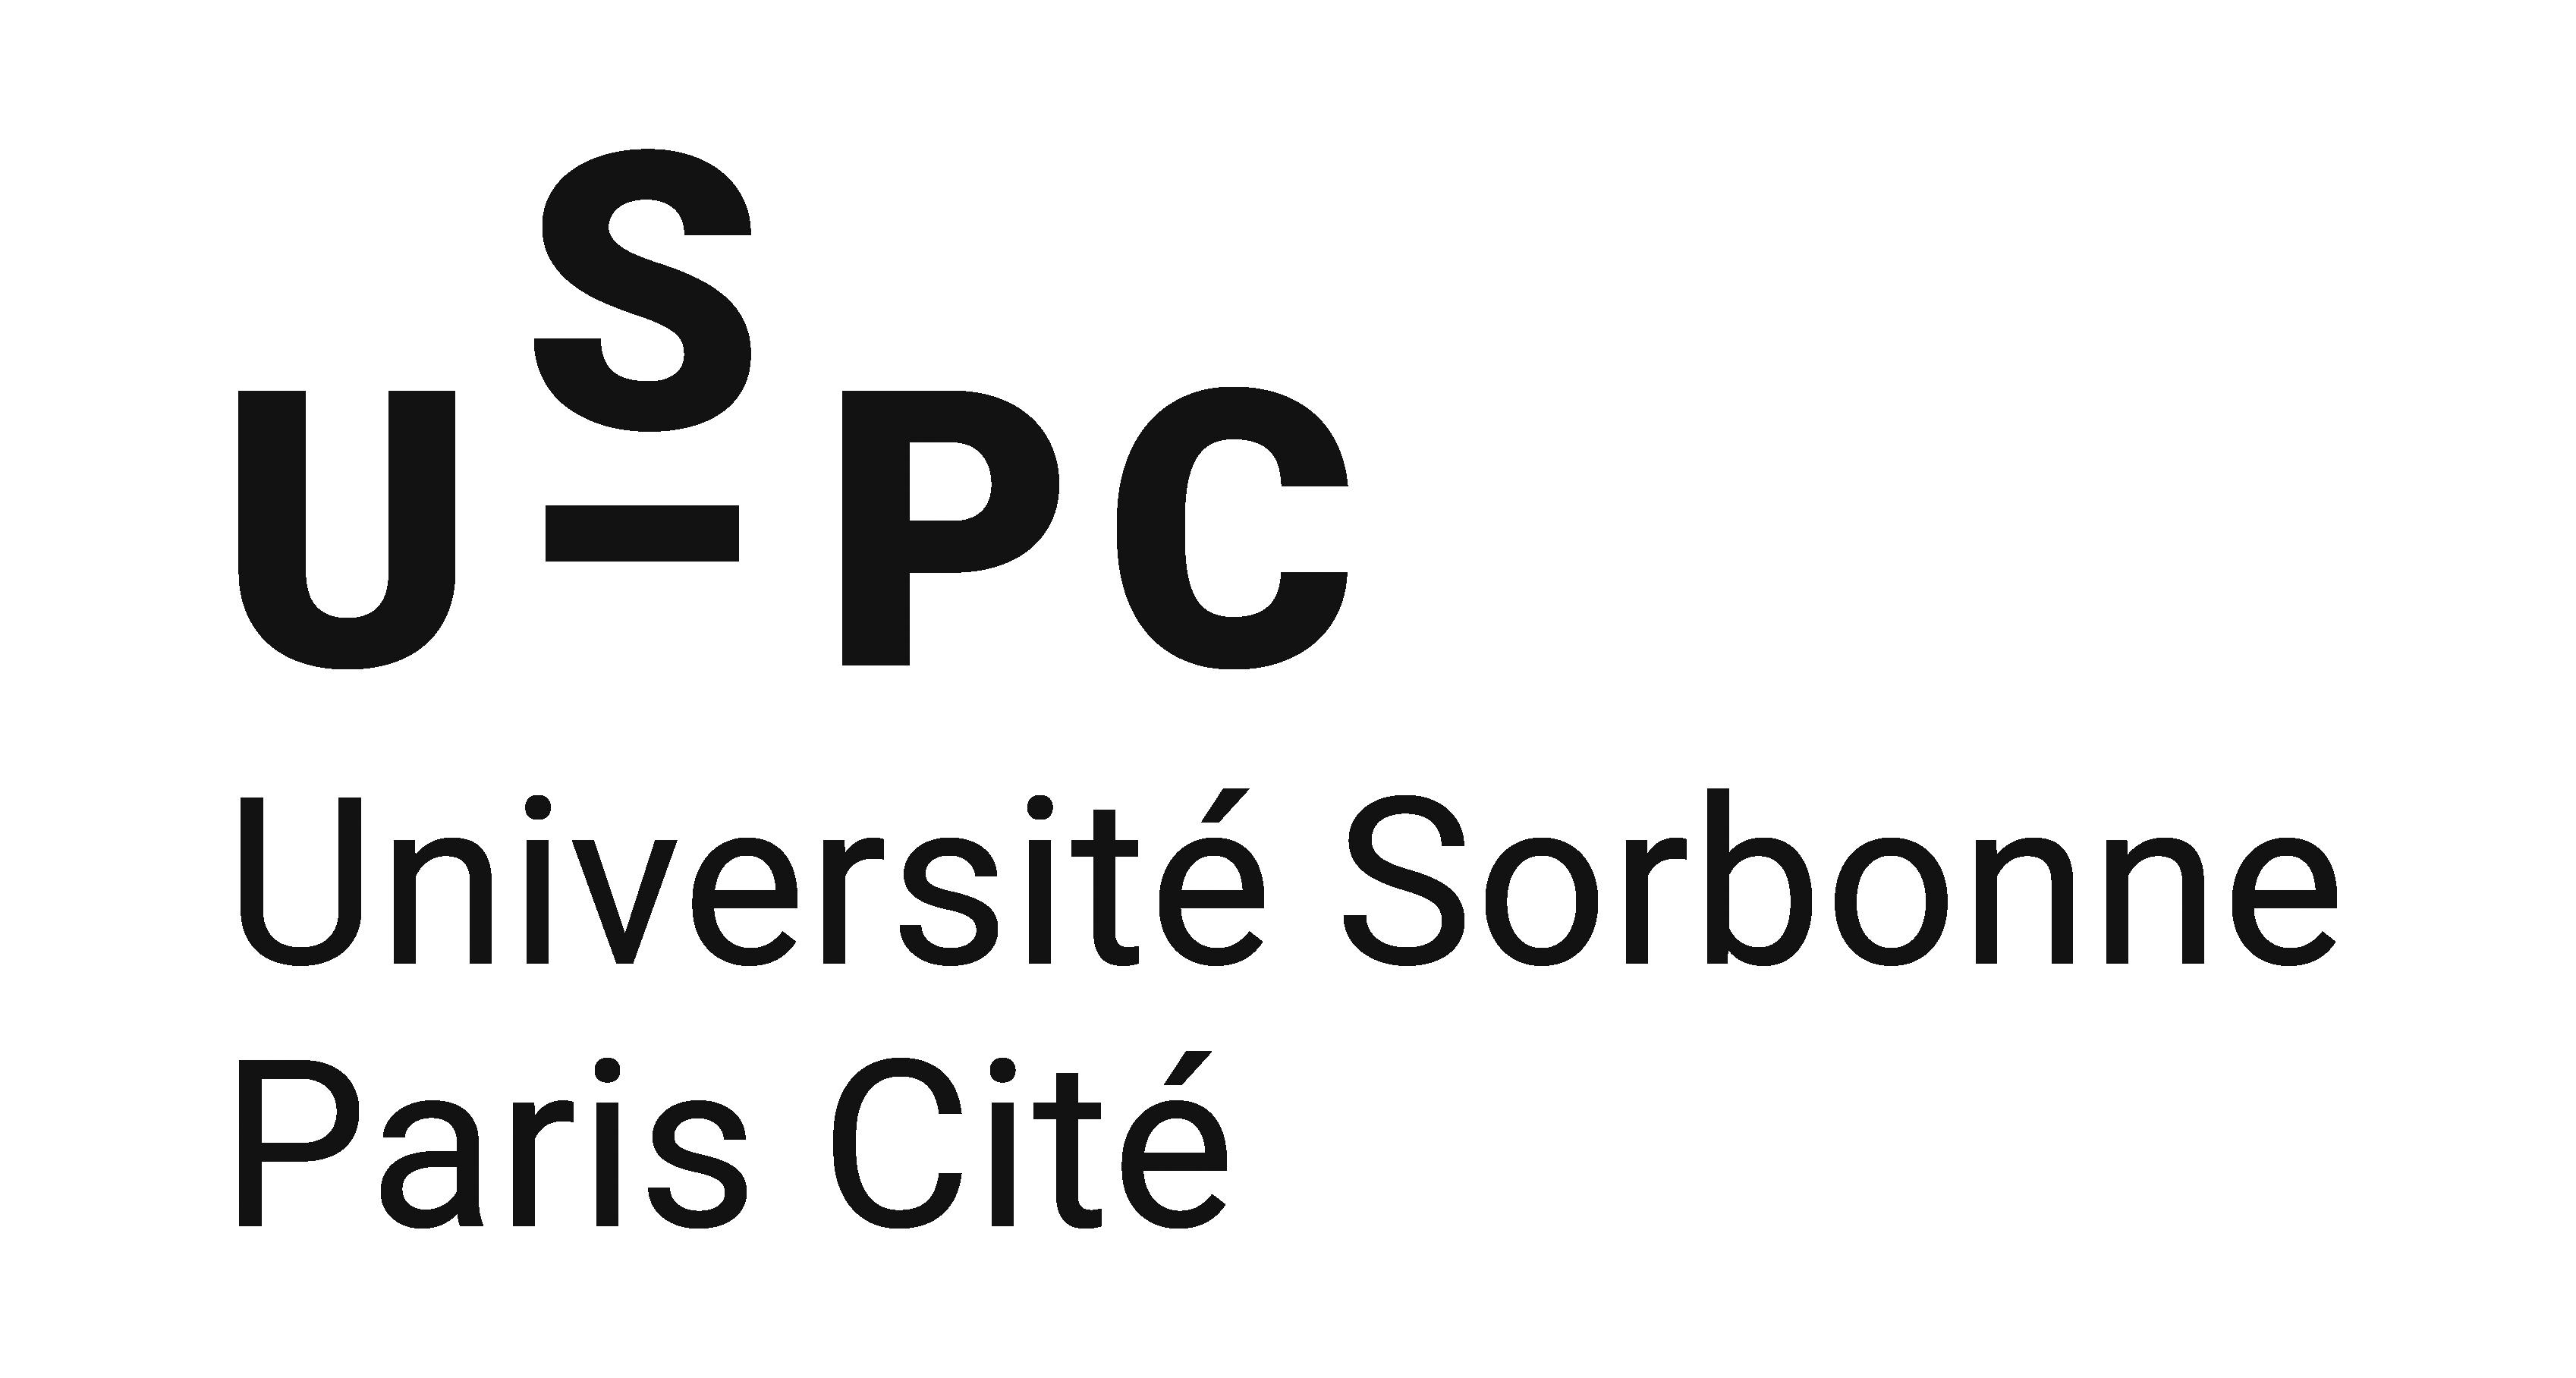 Université Sorbonne Paris Cité